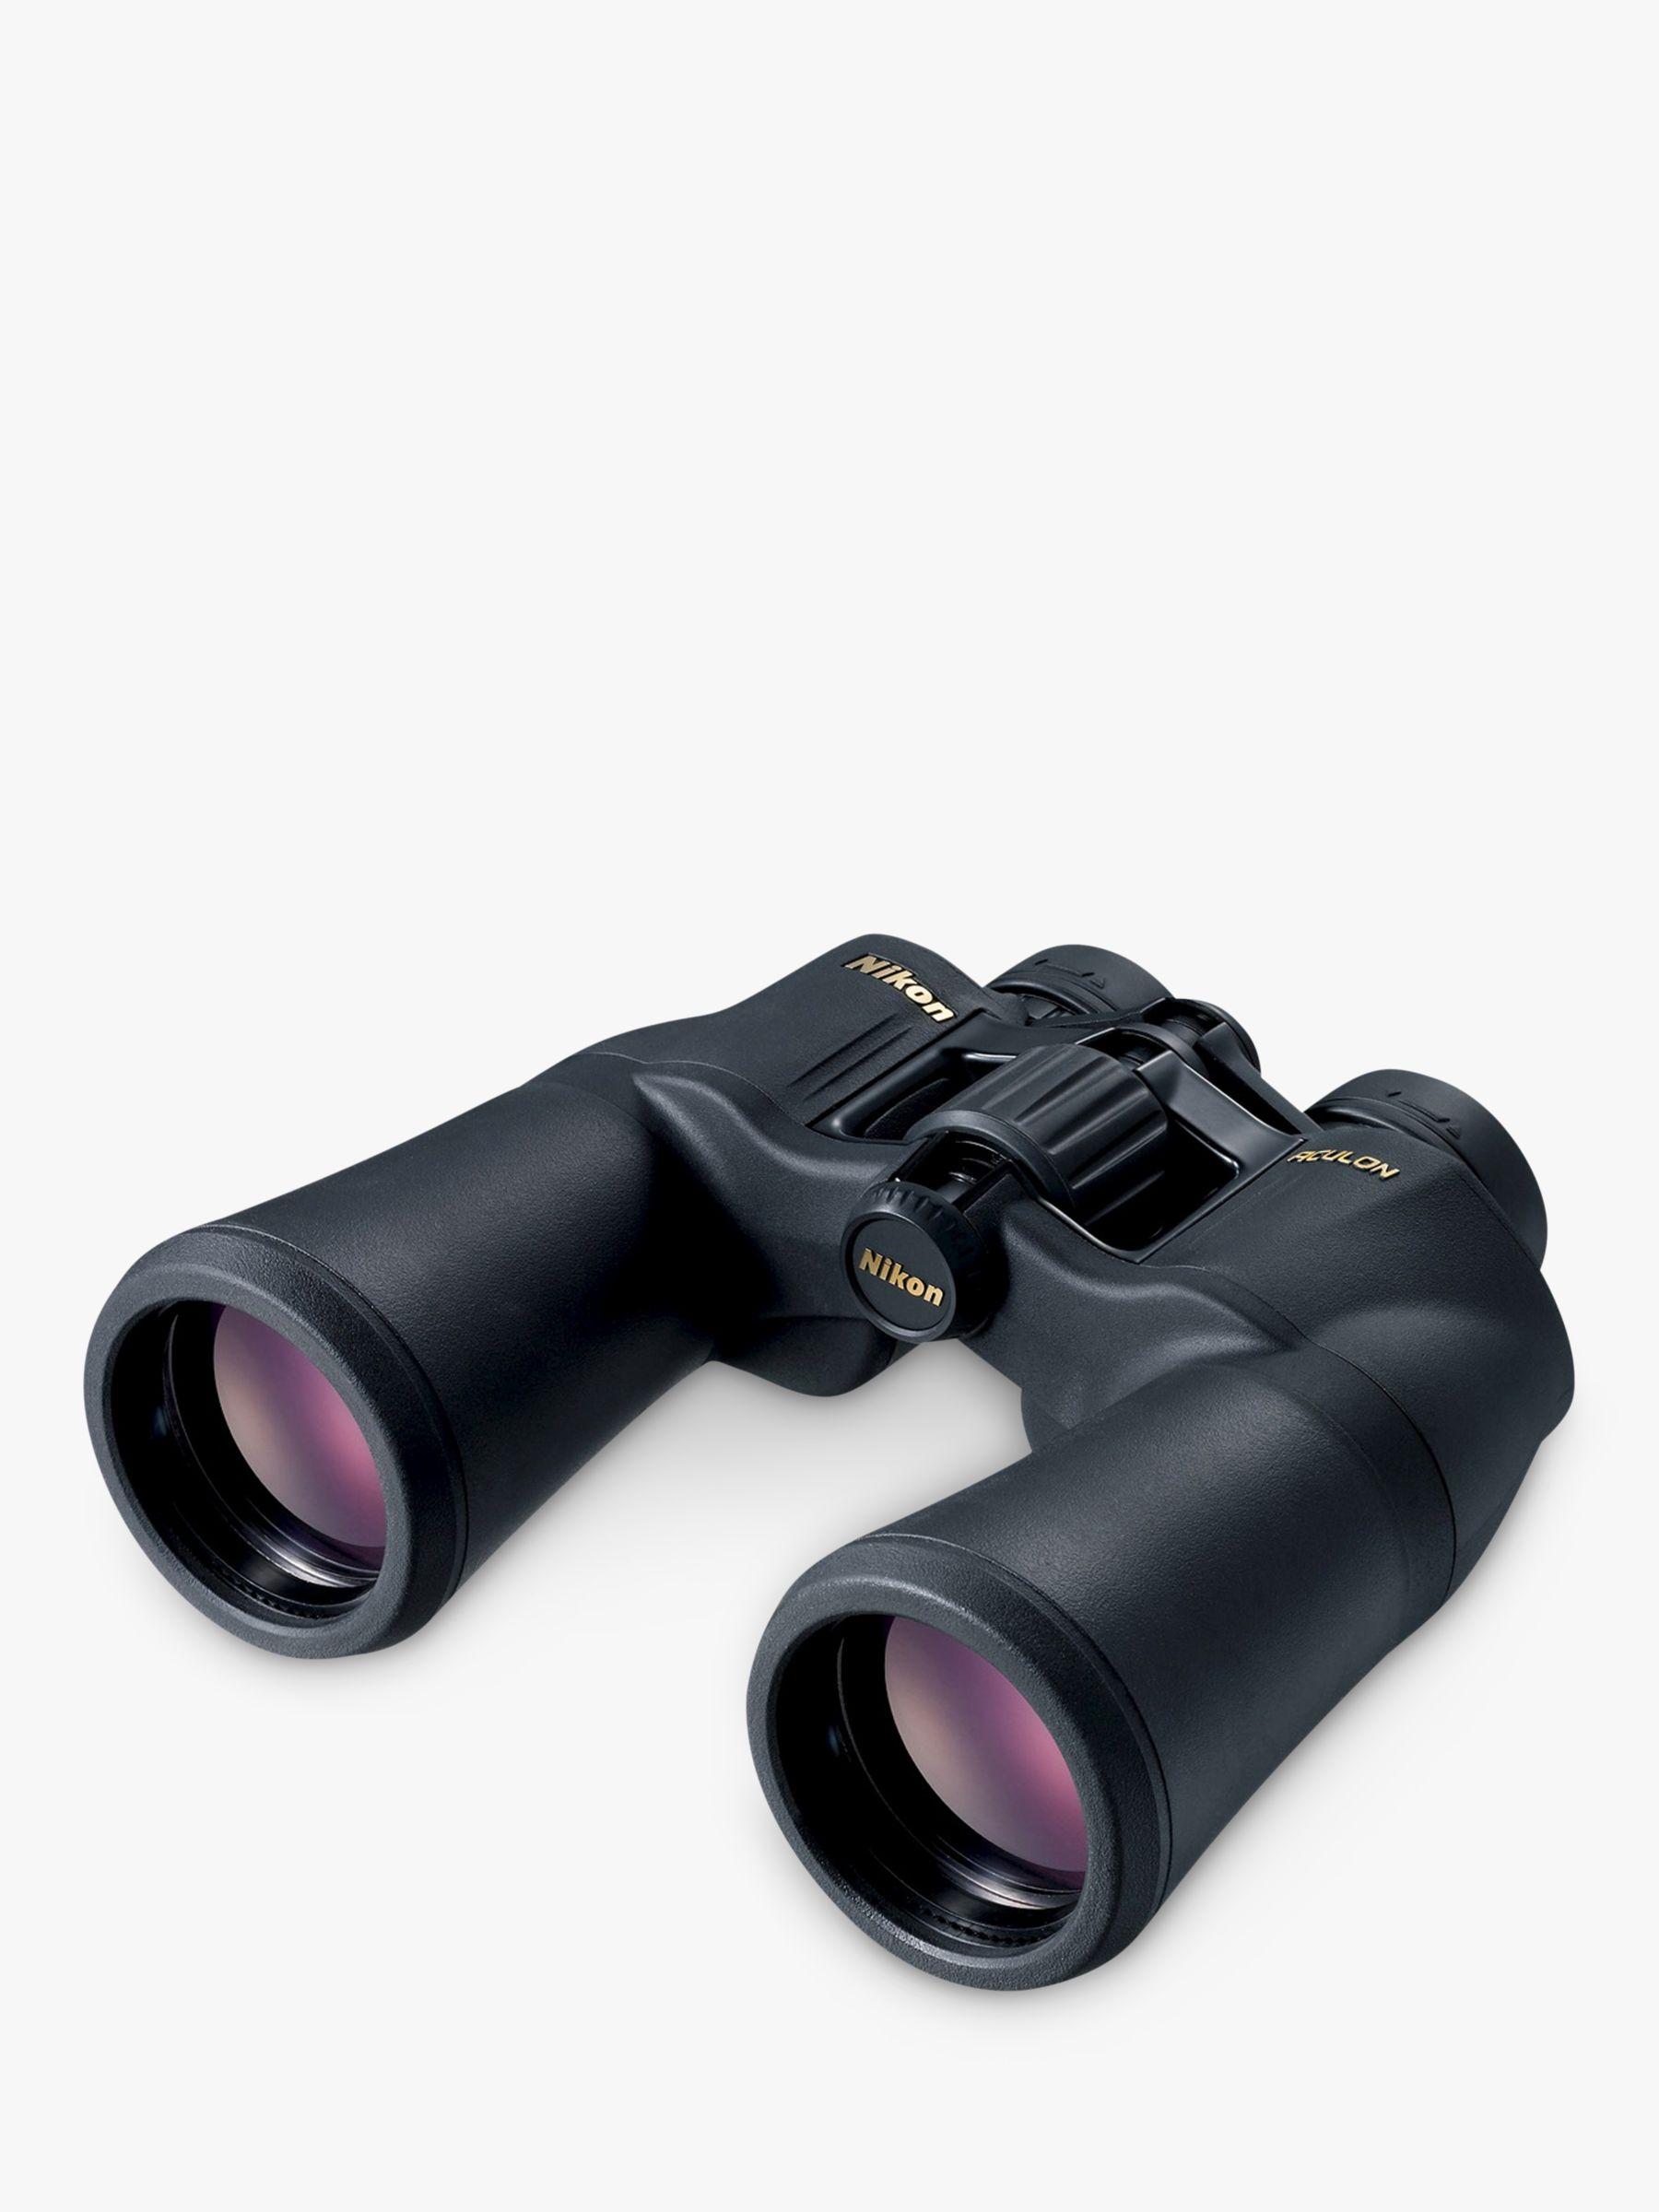 Nikon Nikon Aculon A211 Binoculars, 16 x 50, Black